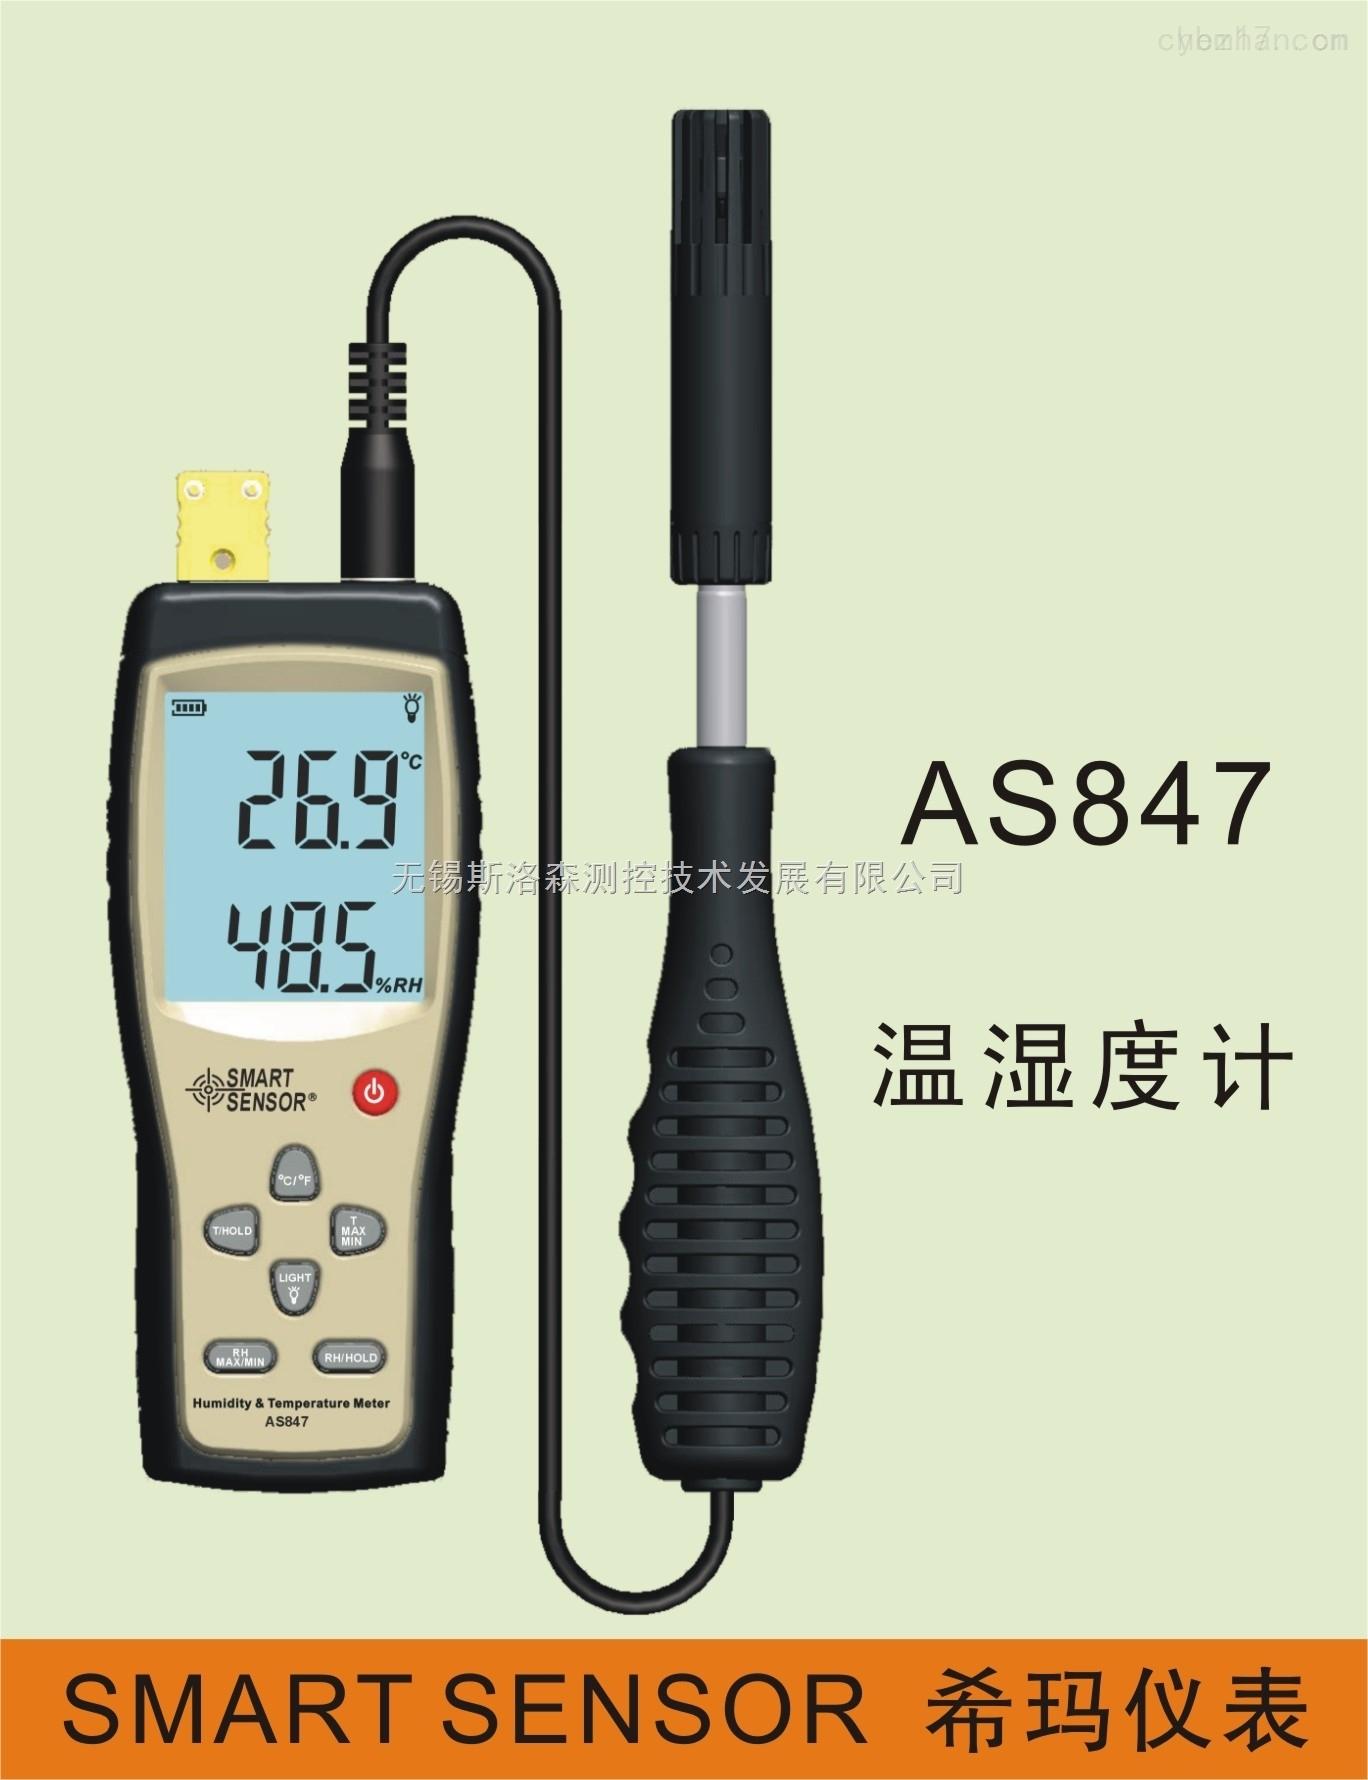 数字式温湿度计as847,温湿度测量仪,温湿度表